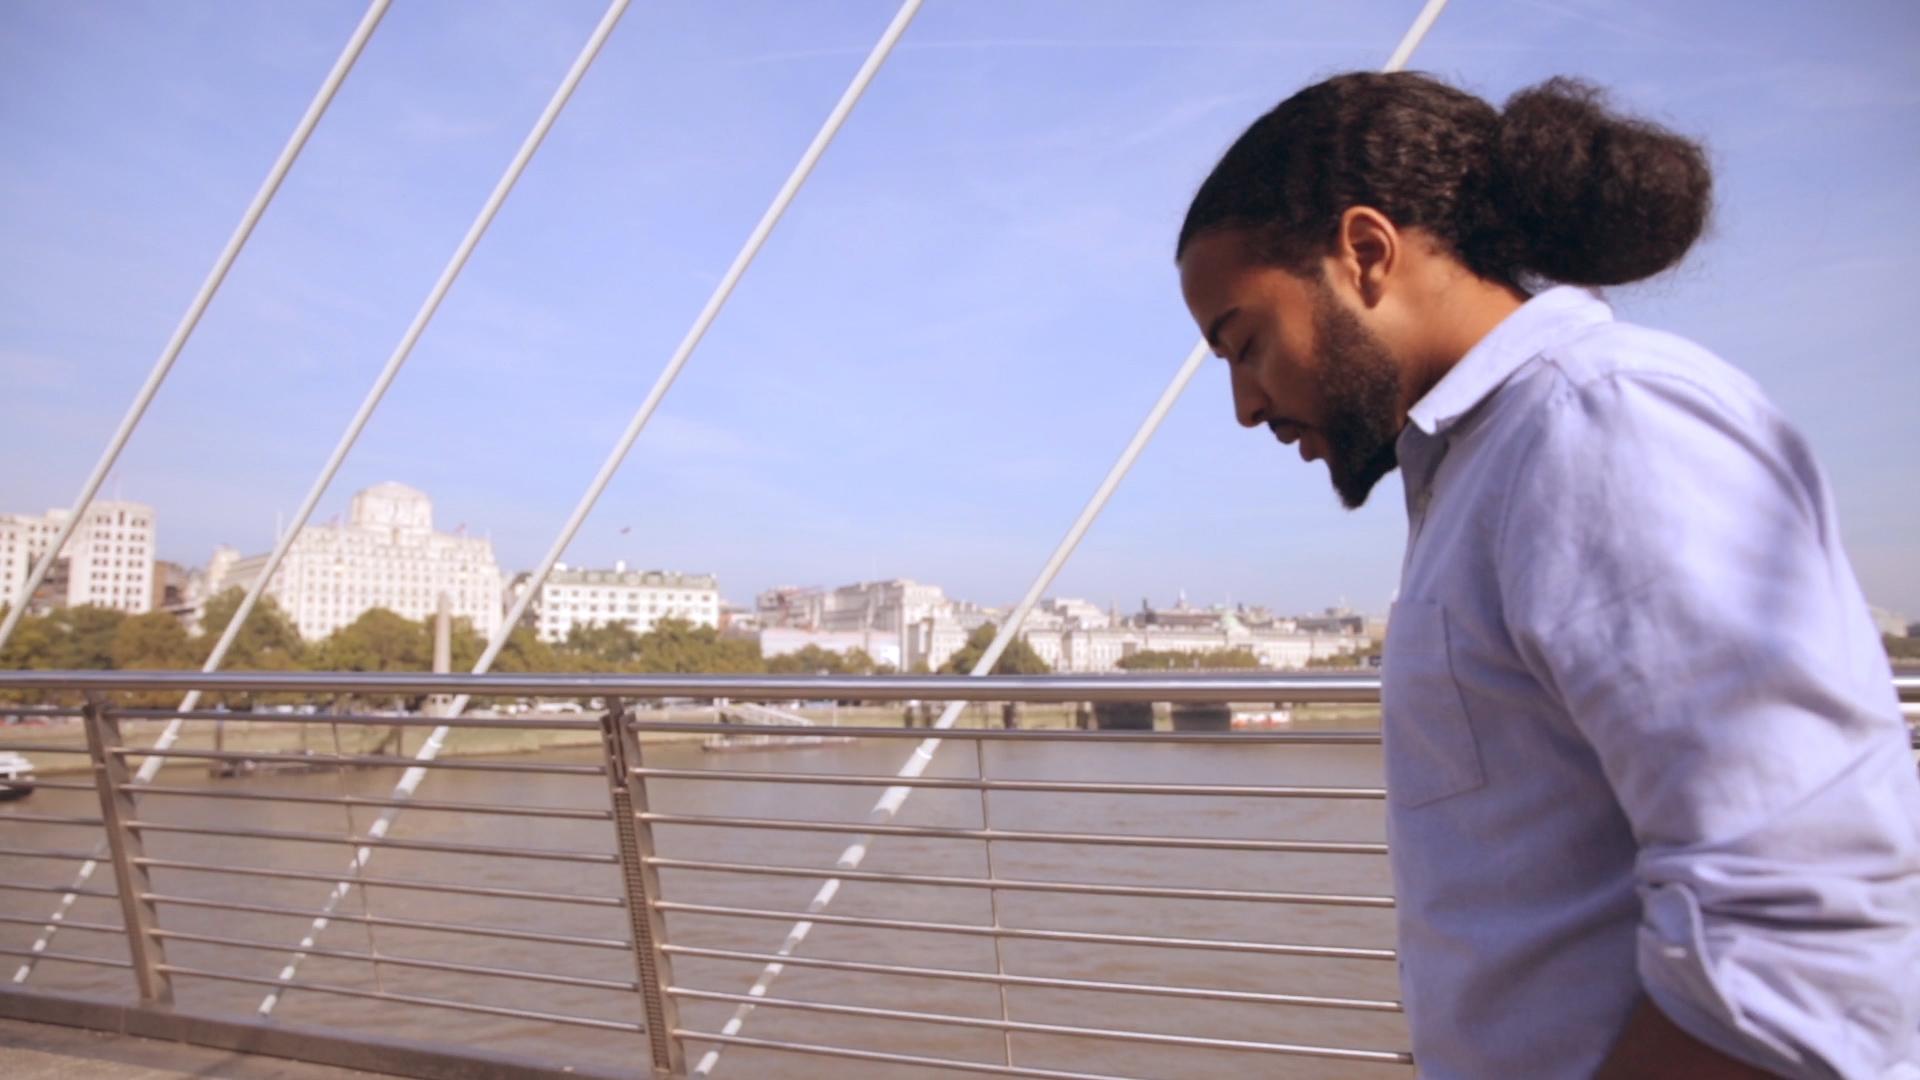 BTEC Mohamed Final 27_01_15_PRORES.mov.00_01_02_24.Still007.jpg